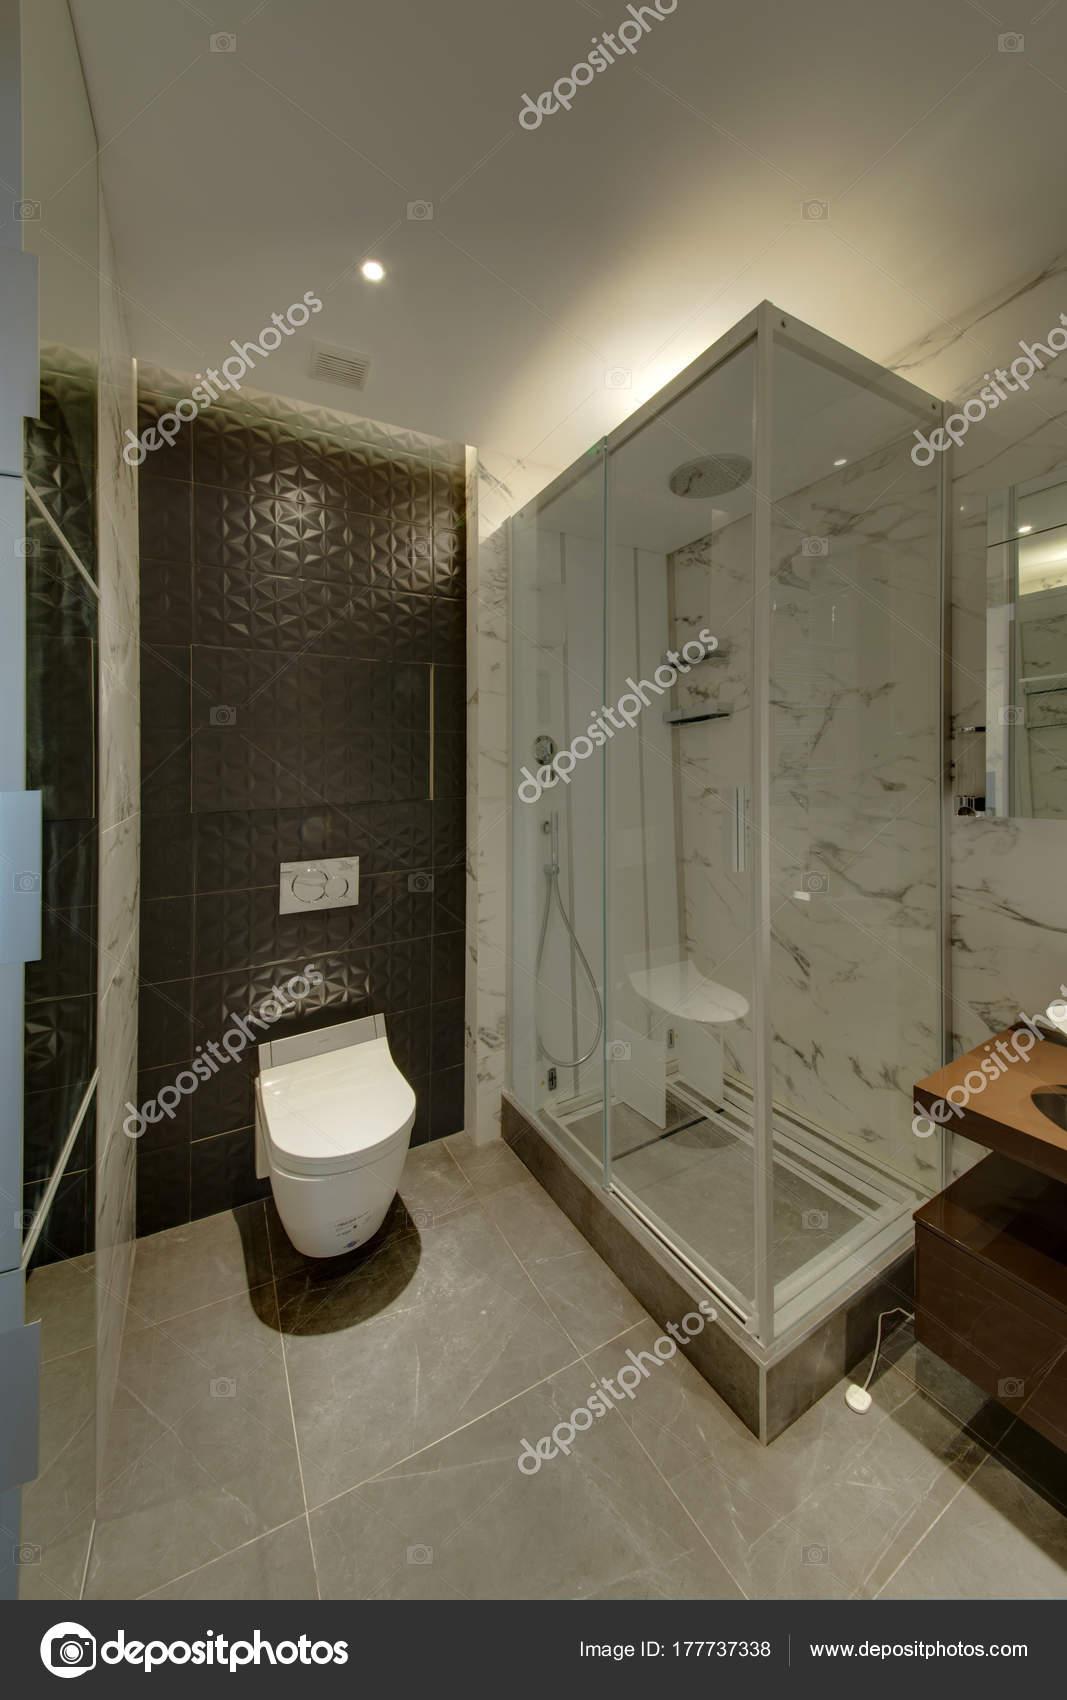 ein badezimmer mit einer dunklen wand und eine weiße schüssel